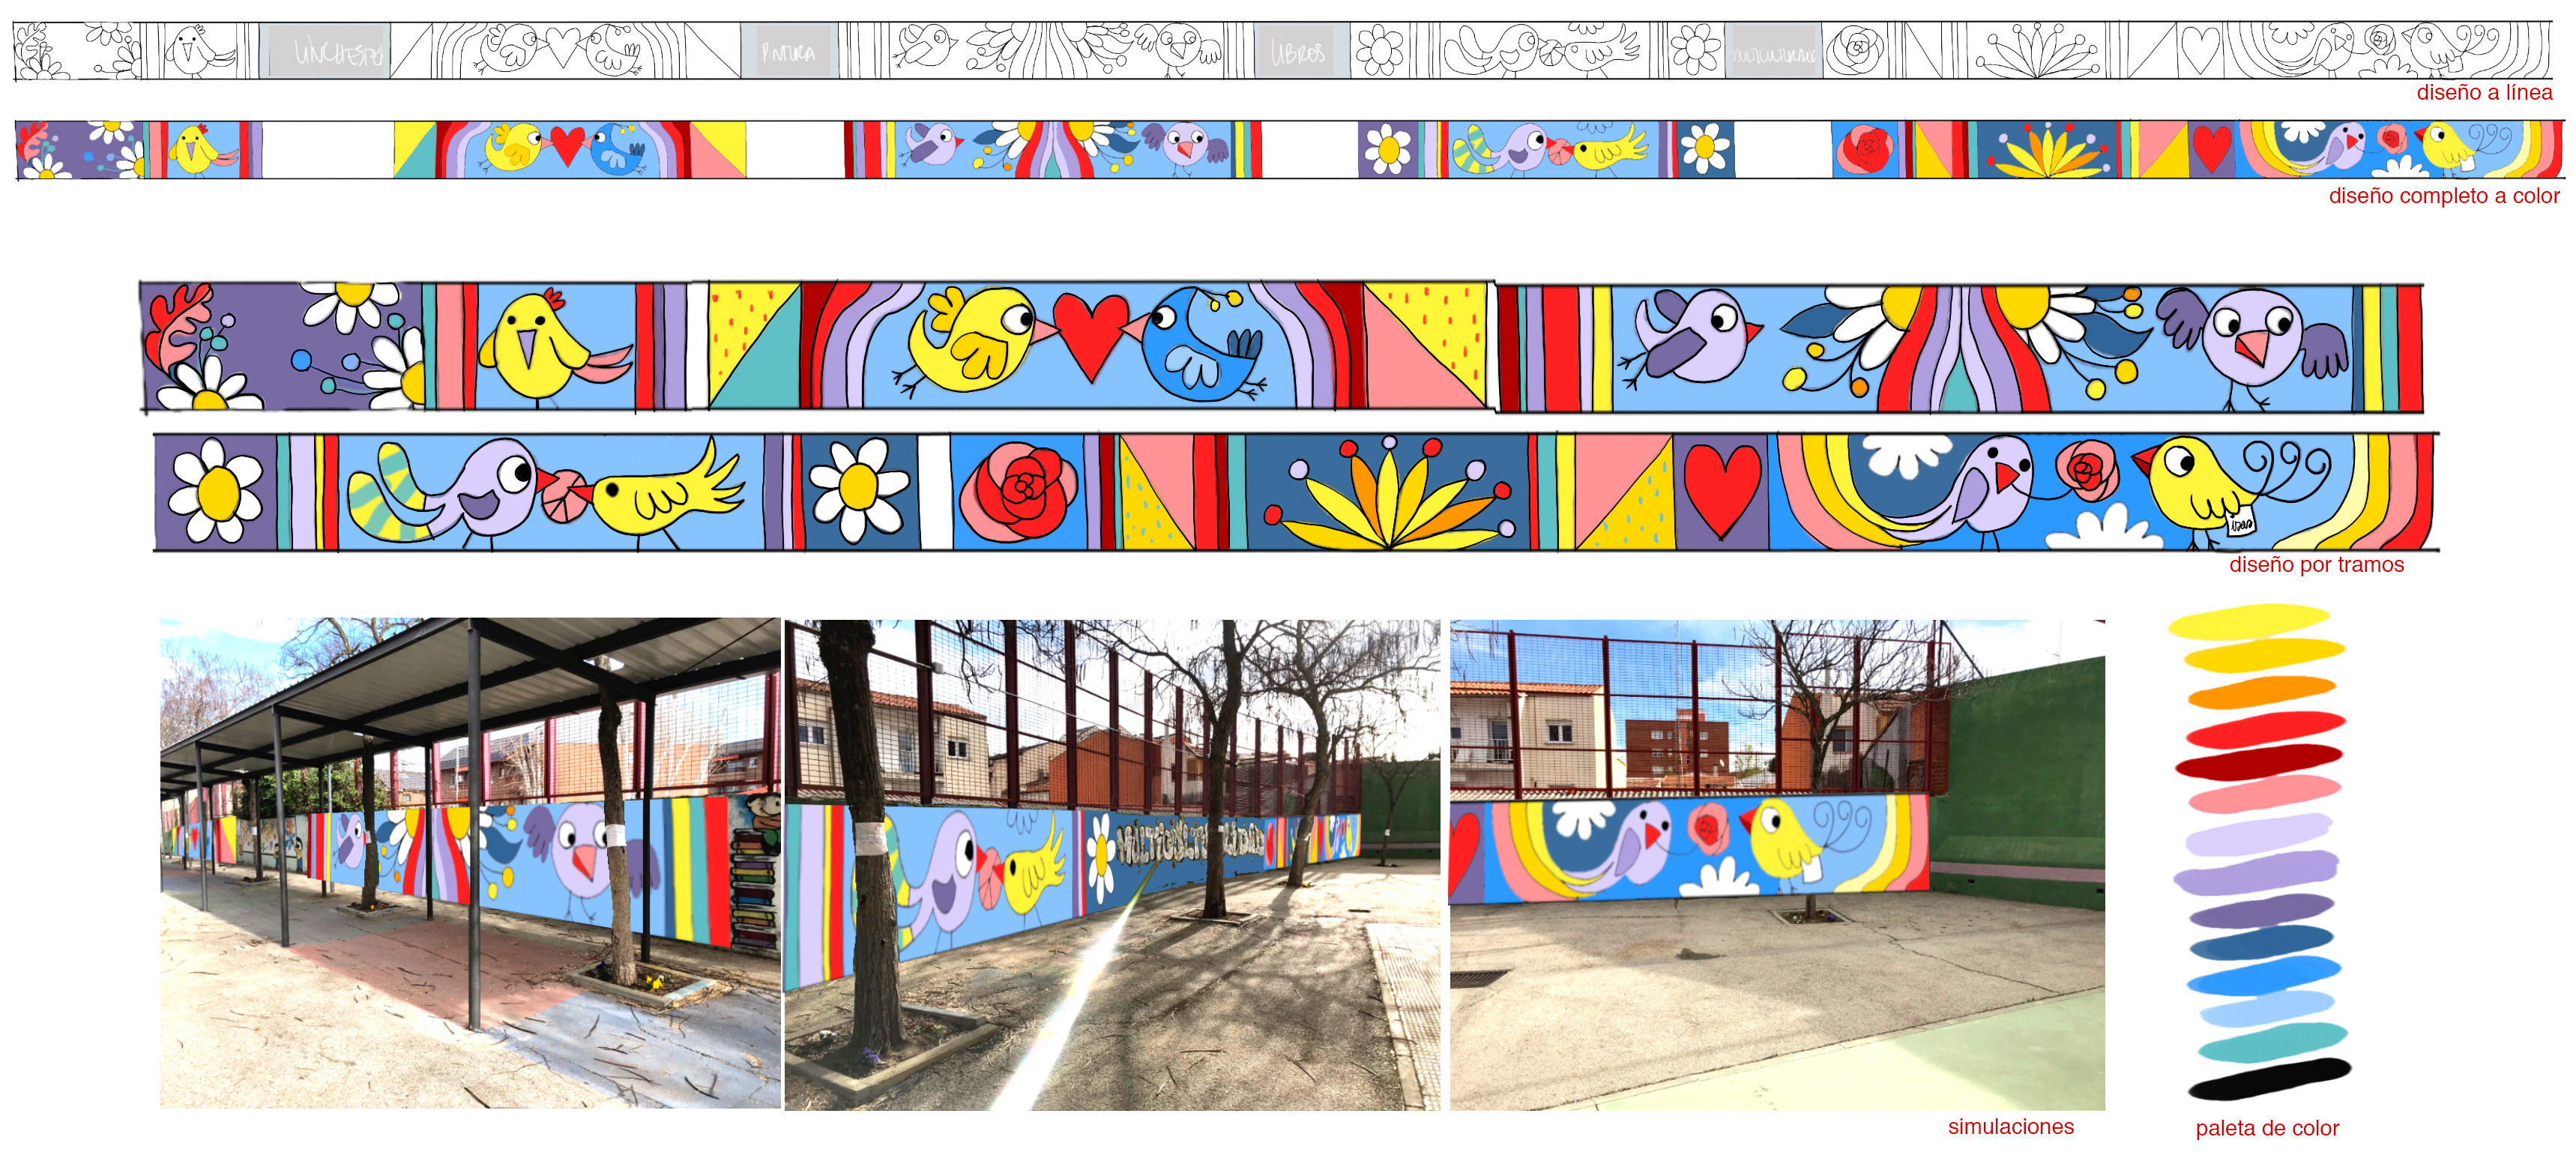 mural izas azulpatio proyecto asunción